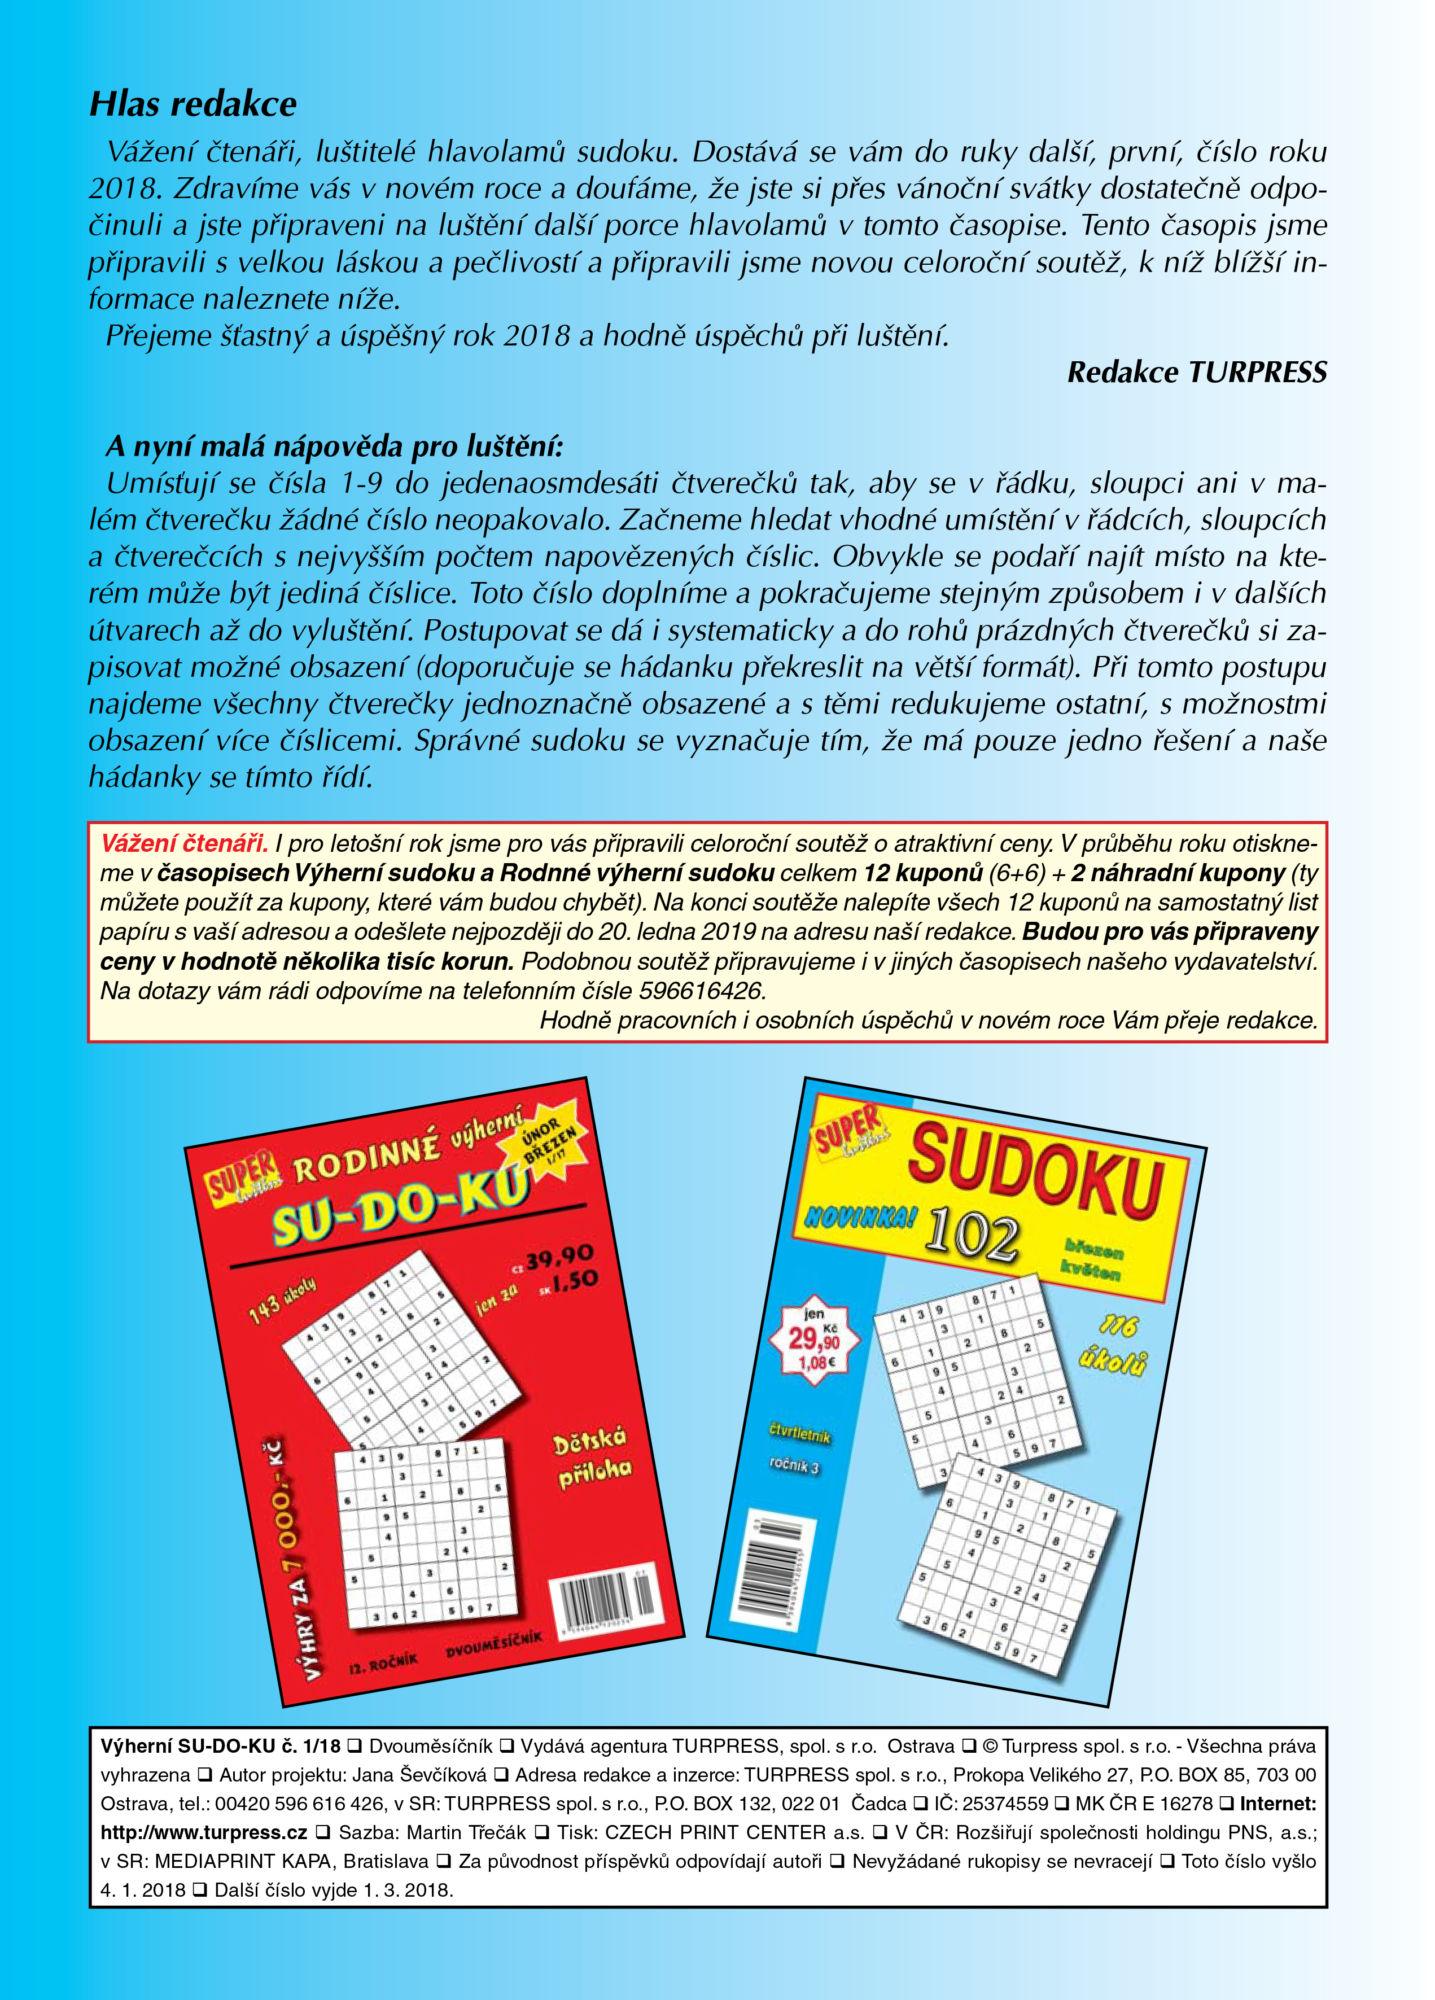 Výherní SUDOKU Turpress Super luštění